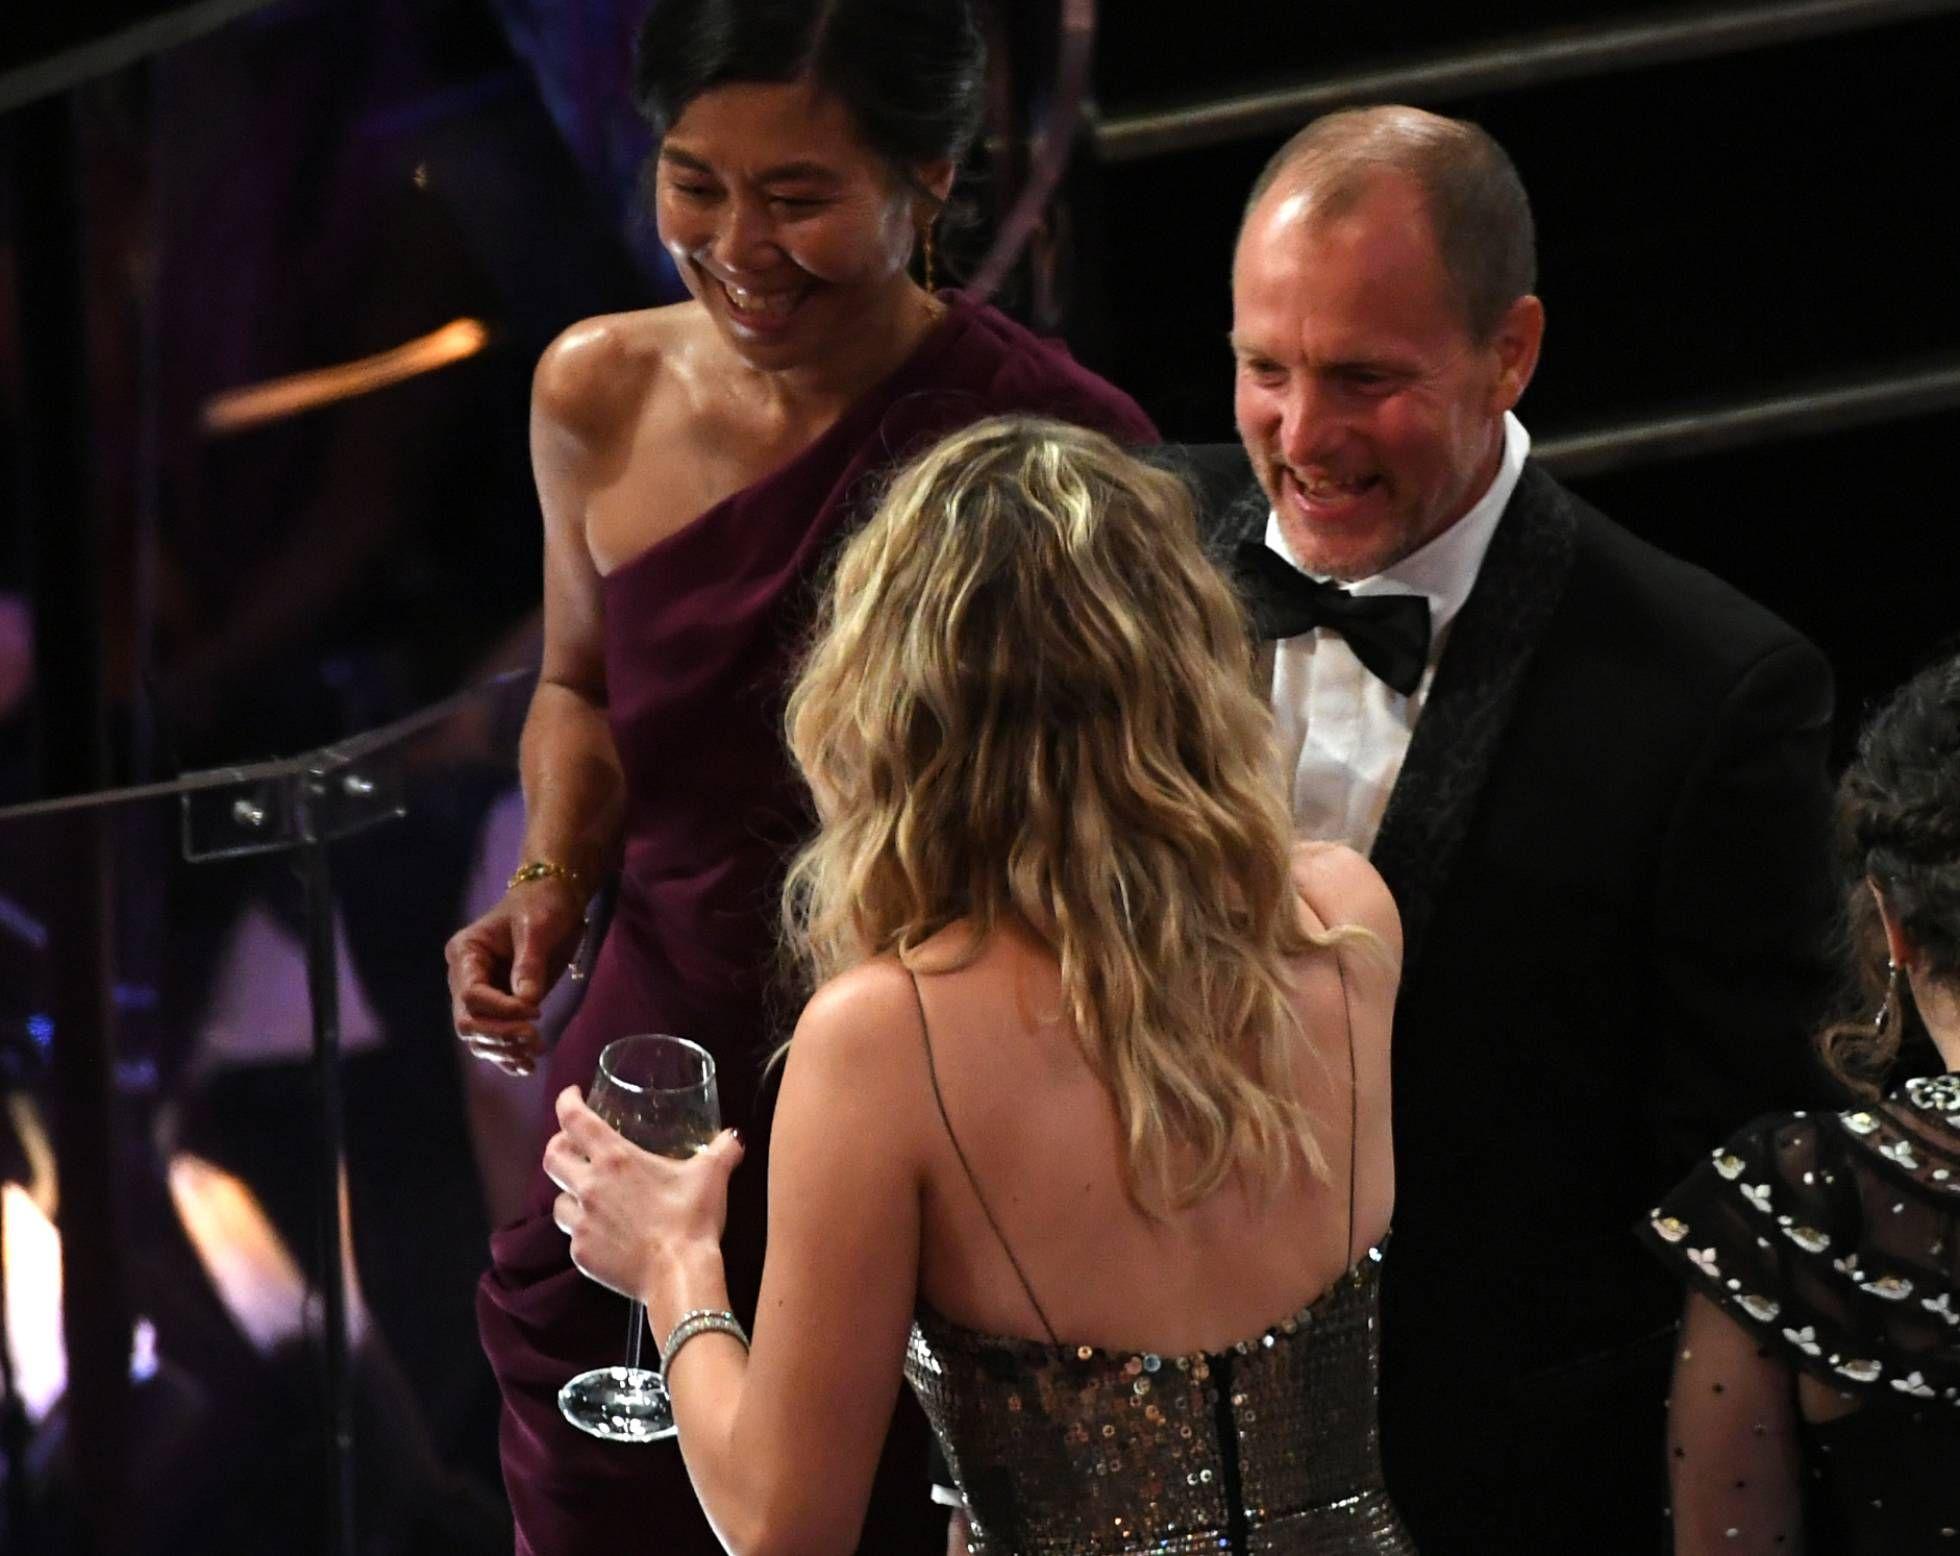 Las fotos virales de los Oscar: Jennifer Lawrence con la copa de vino pisando las butacas del Dolby Theatre